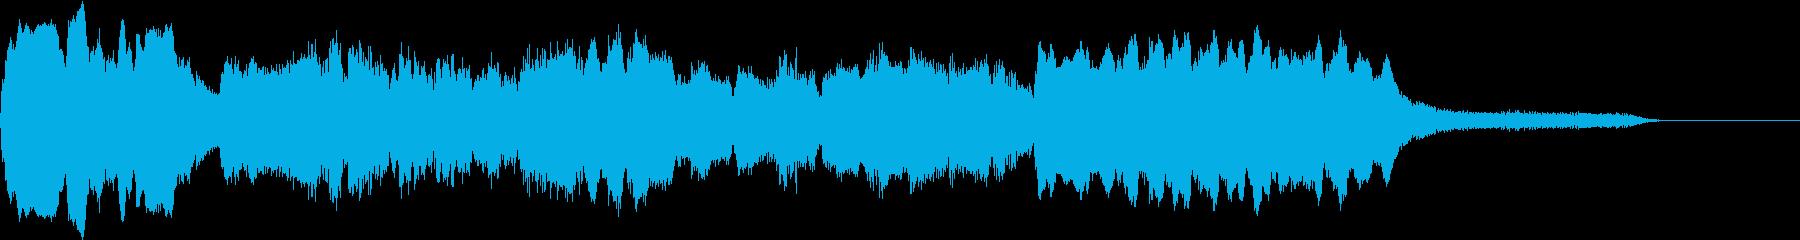 フルート、ハープの美しい和風ジングルの再生済みの波形